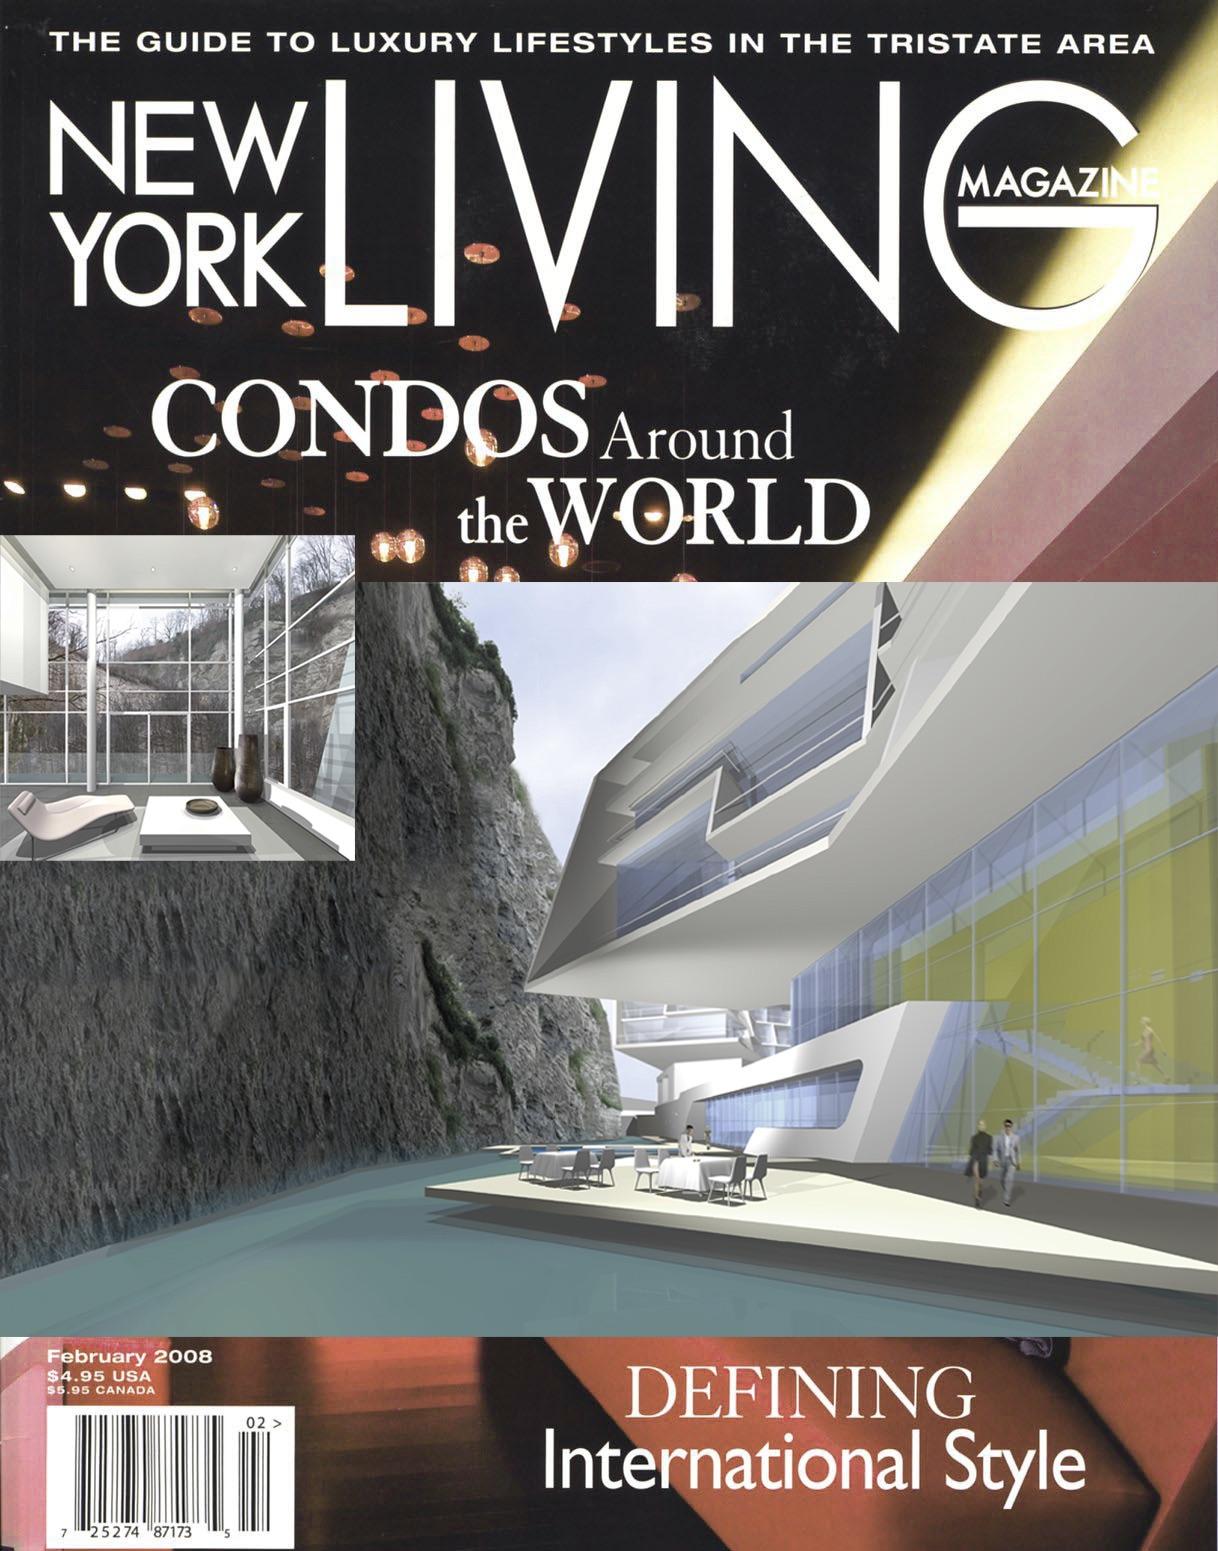 02.08 NEW YORK LIVING MAGAZINE (SALZBURG)